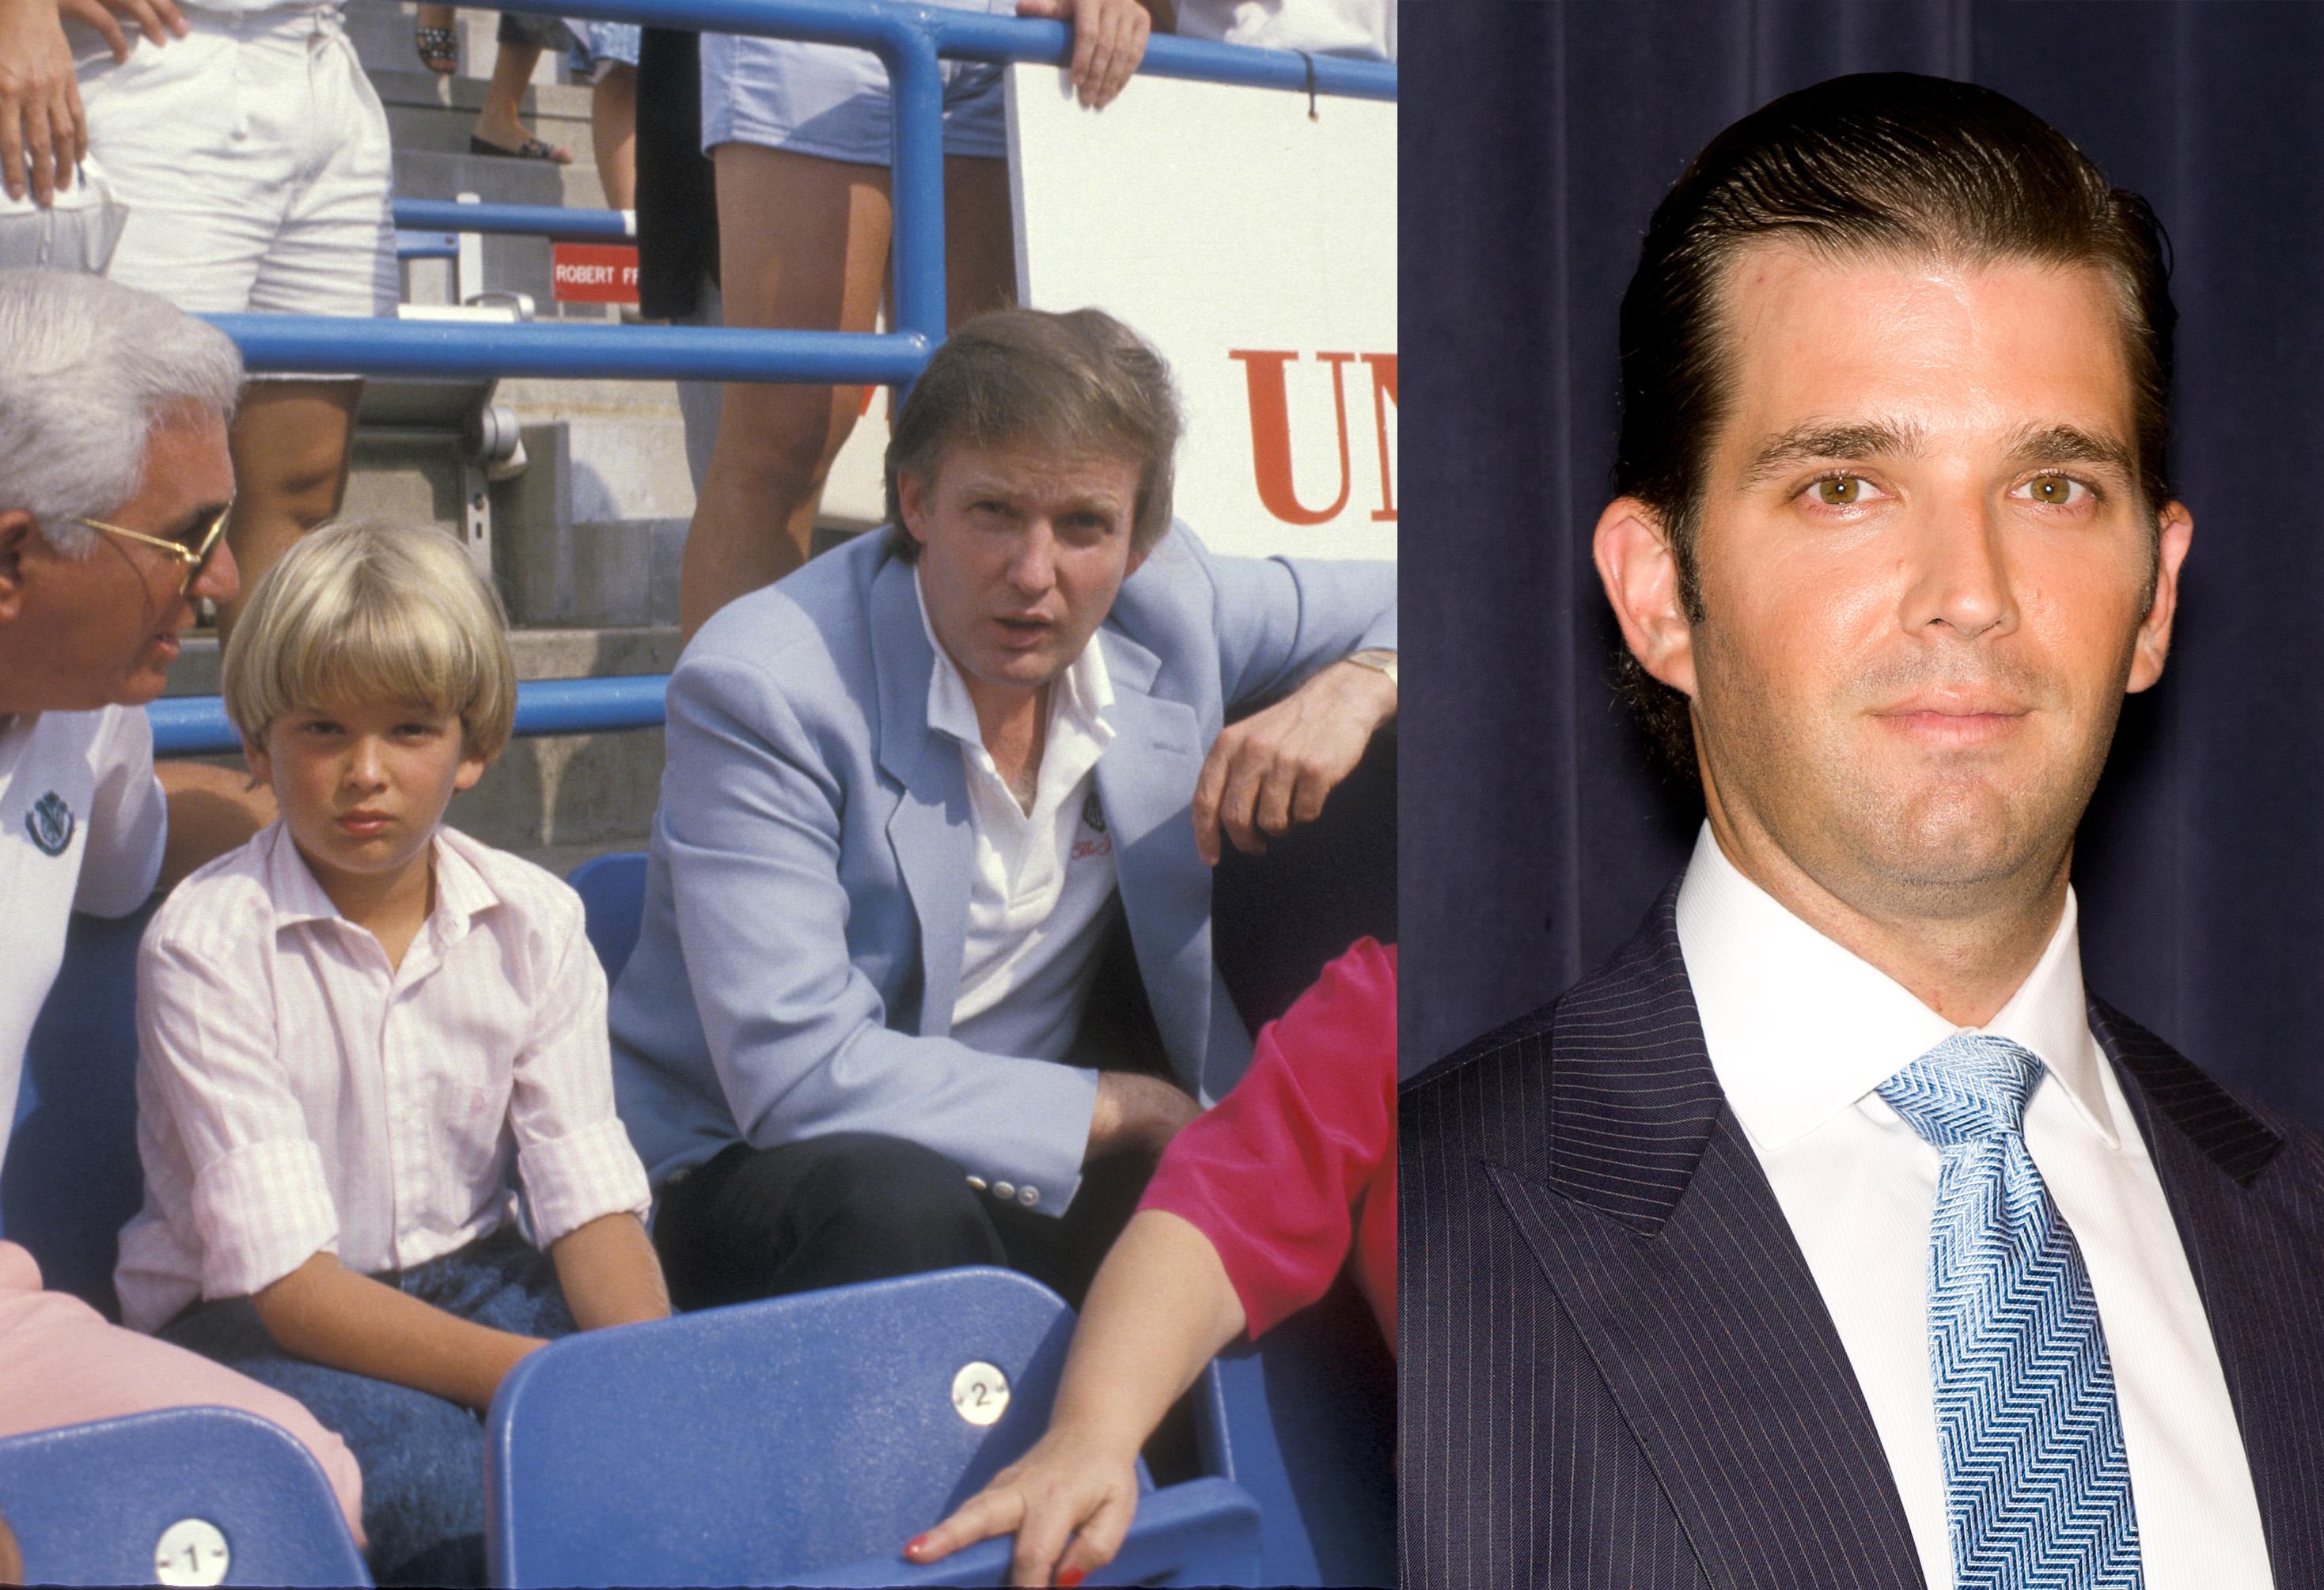 <i>Left:</i> Donald Trump Jr. and Donald Trump in 1988; <i>Right:</i> Donald Trump Jr. in New York City in April 2011.